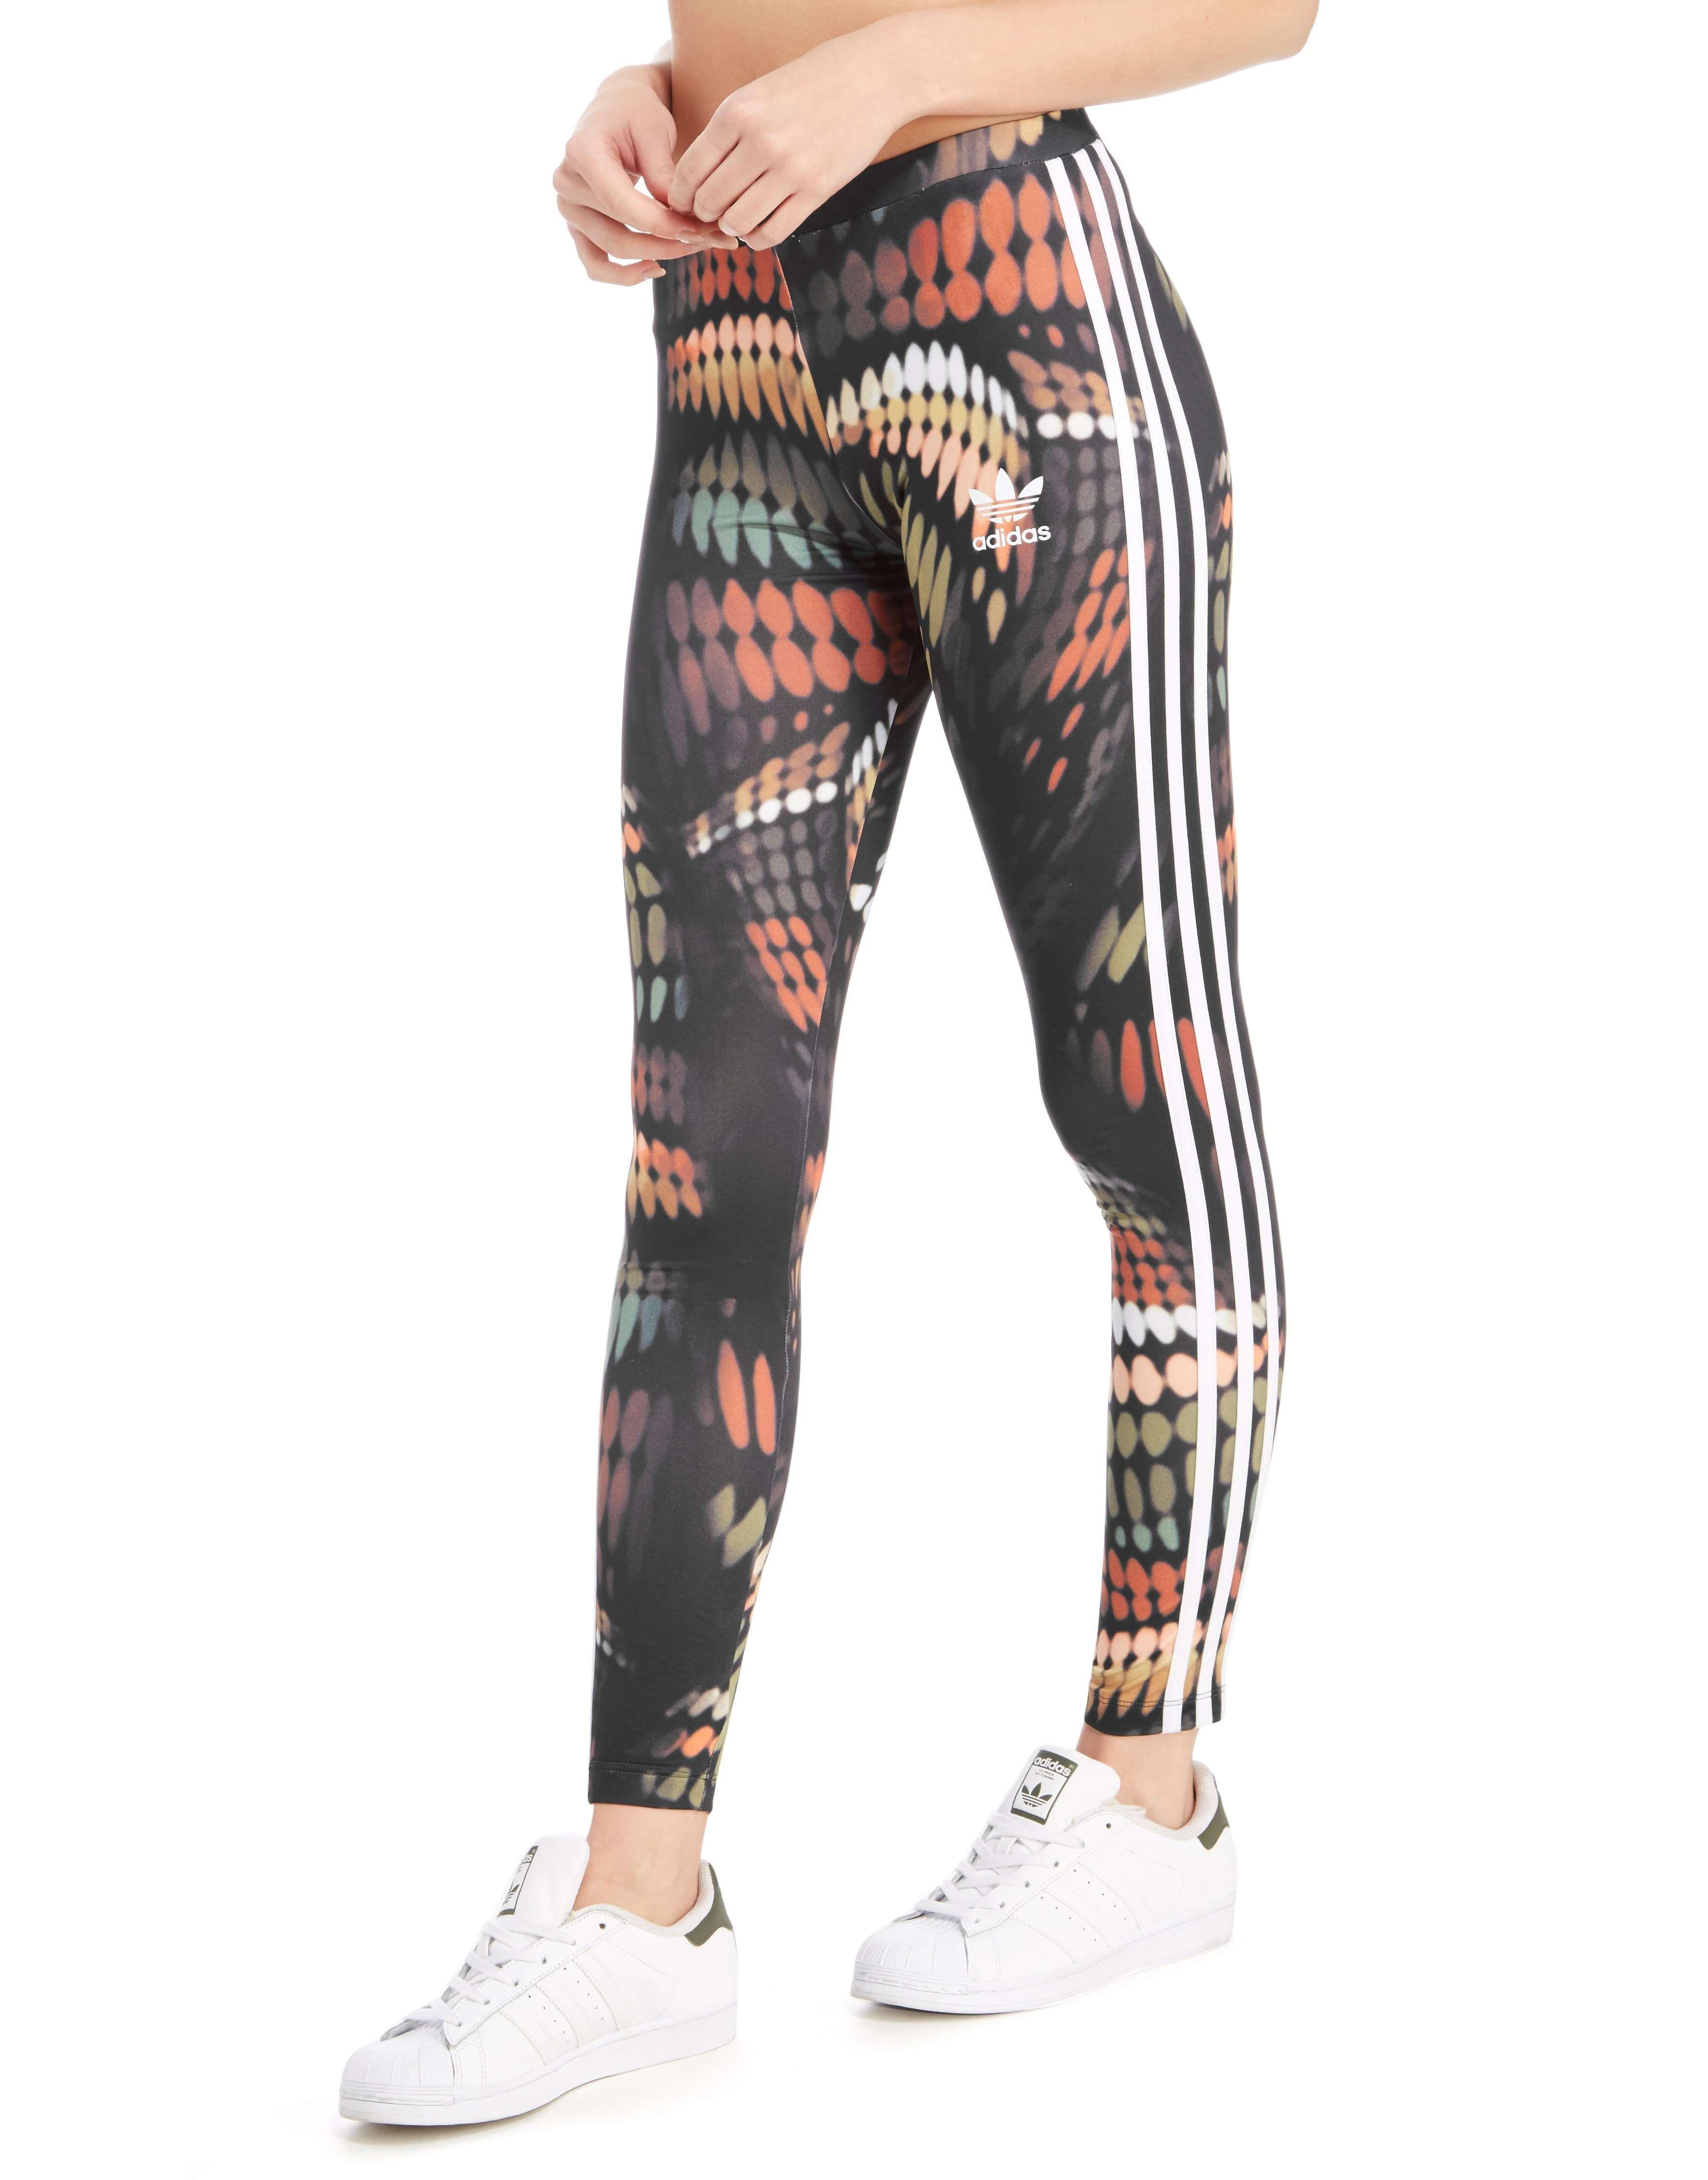 Adidas originals tights rita ora schwarz weiss rot sport